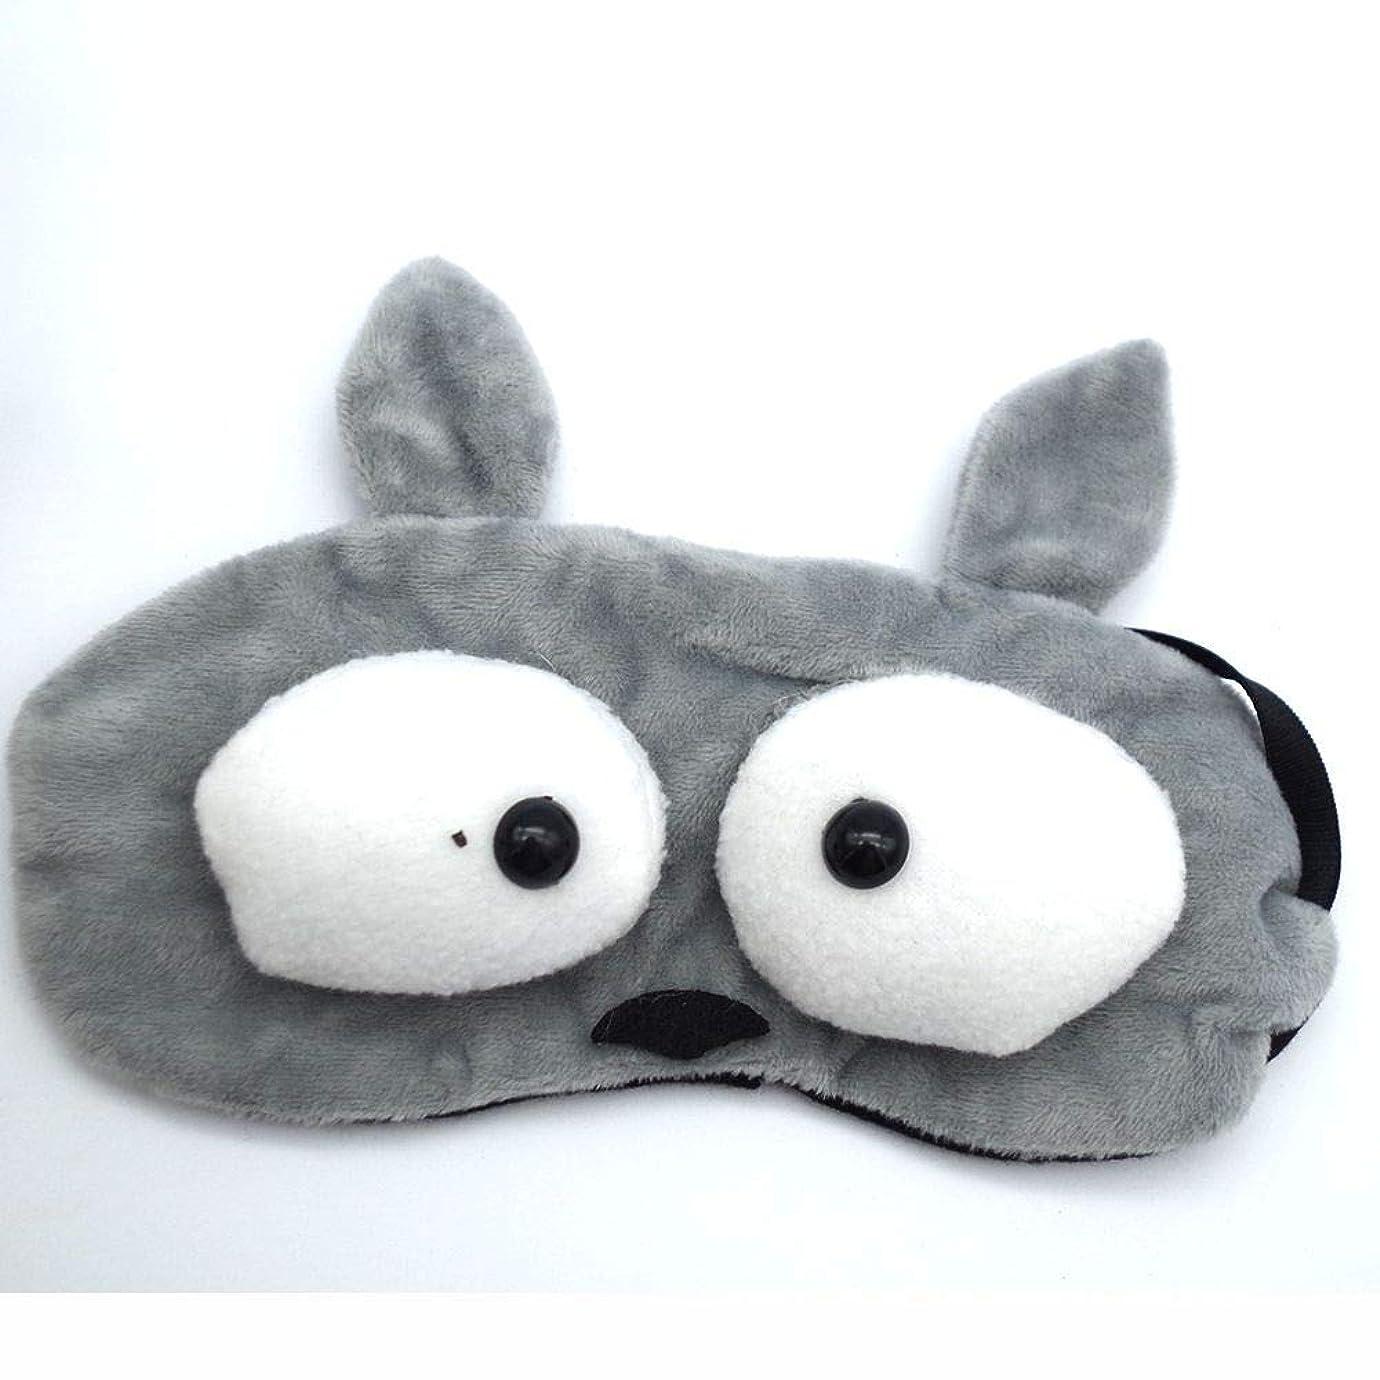 怠けた未接続時計NOTE 1ピースかわいい動物睡眠アイマスクパッド入りシェードカバーフランネル睡眠マスク休息旅行リラックス睡眠補助目隠しカバーアイパット